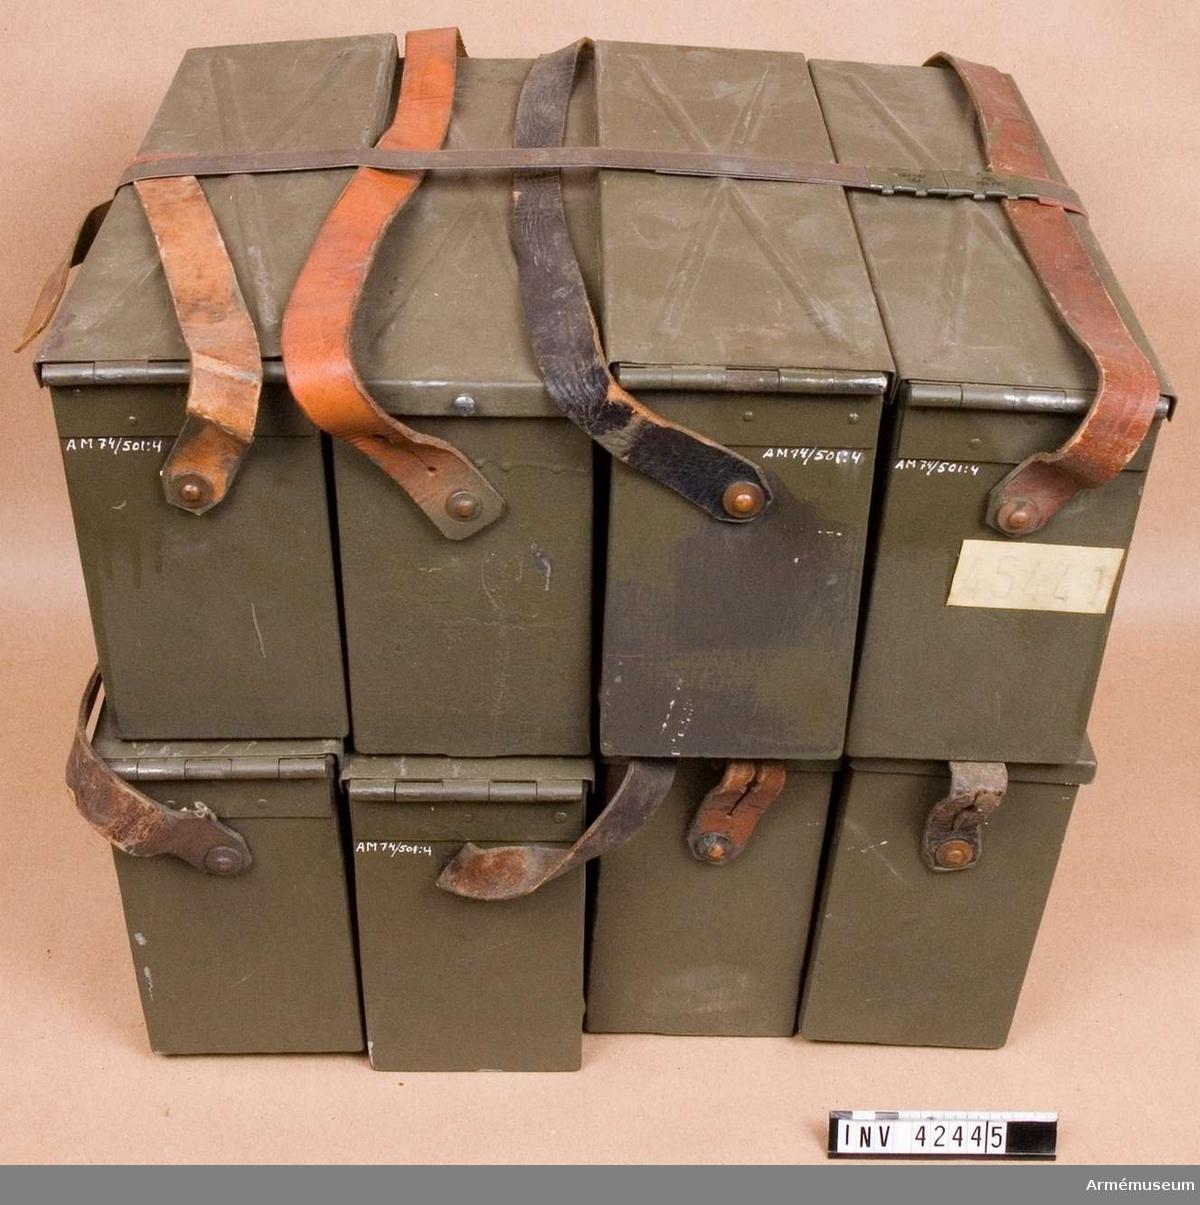 E IV. Samhörande till kulsprutan finns lavett, bandlådehållare, åtta bandlådor, tillbehörslåda med innehåll, vattenlåda, riktpunkt med tillbehör, pipa i fodral, fyra pipor i trälåda, ångslang, bärband och manteltätare.